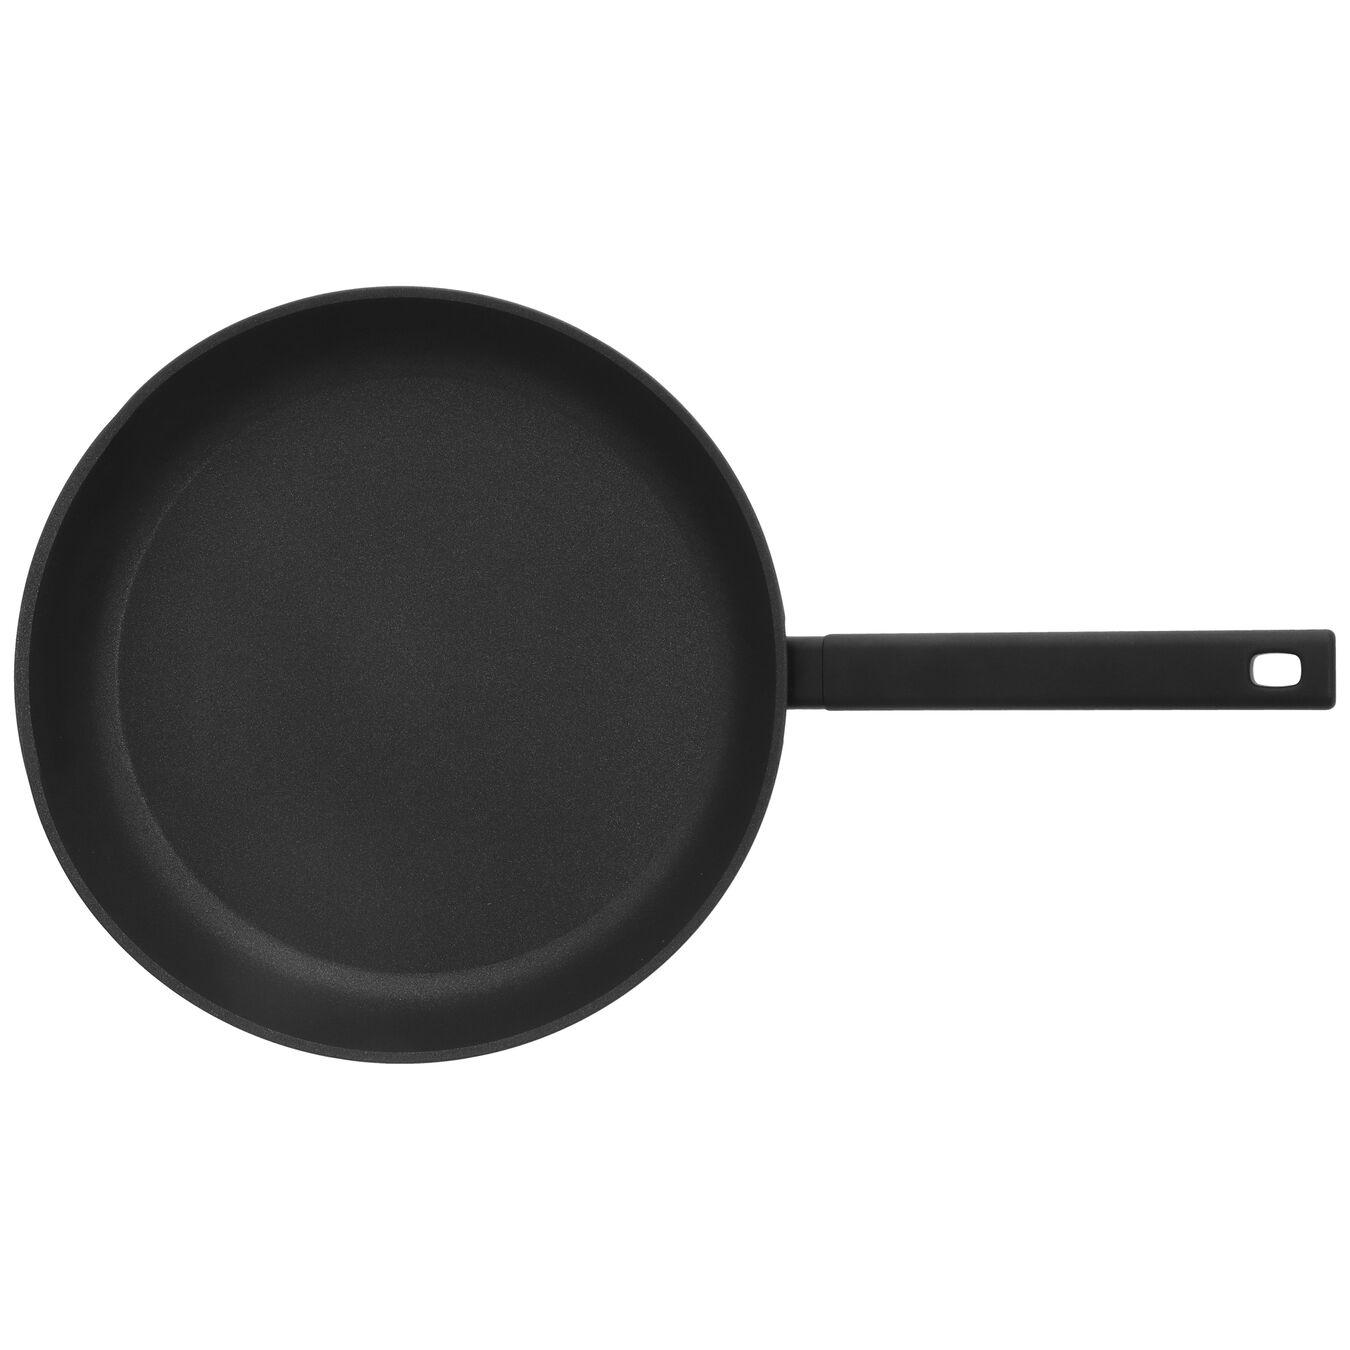 Koekenpan Zwart 28 cm,,large 5